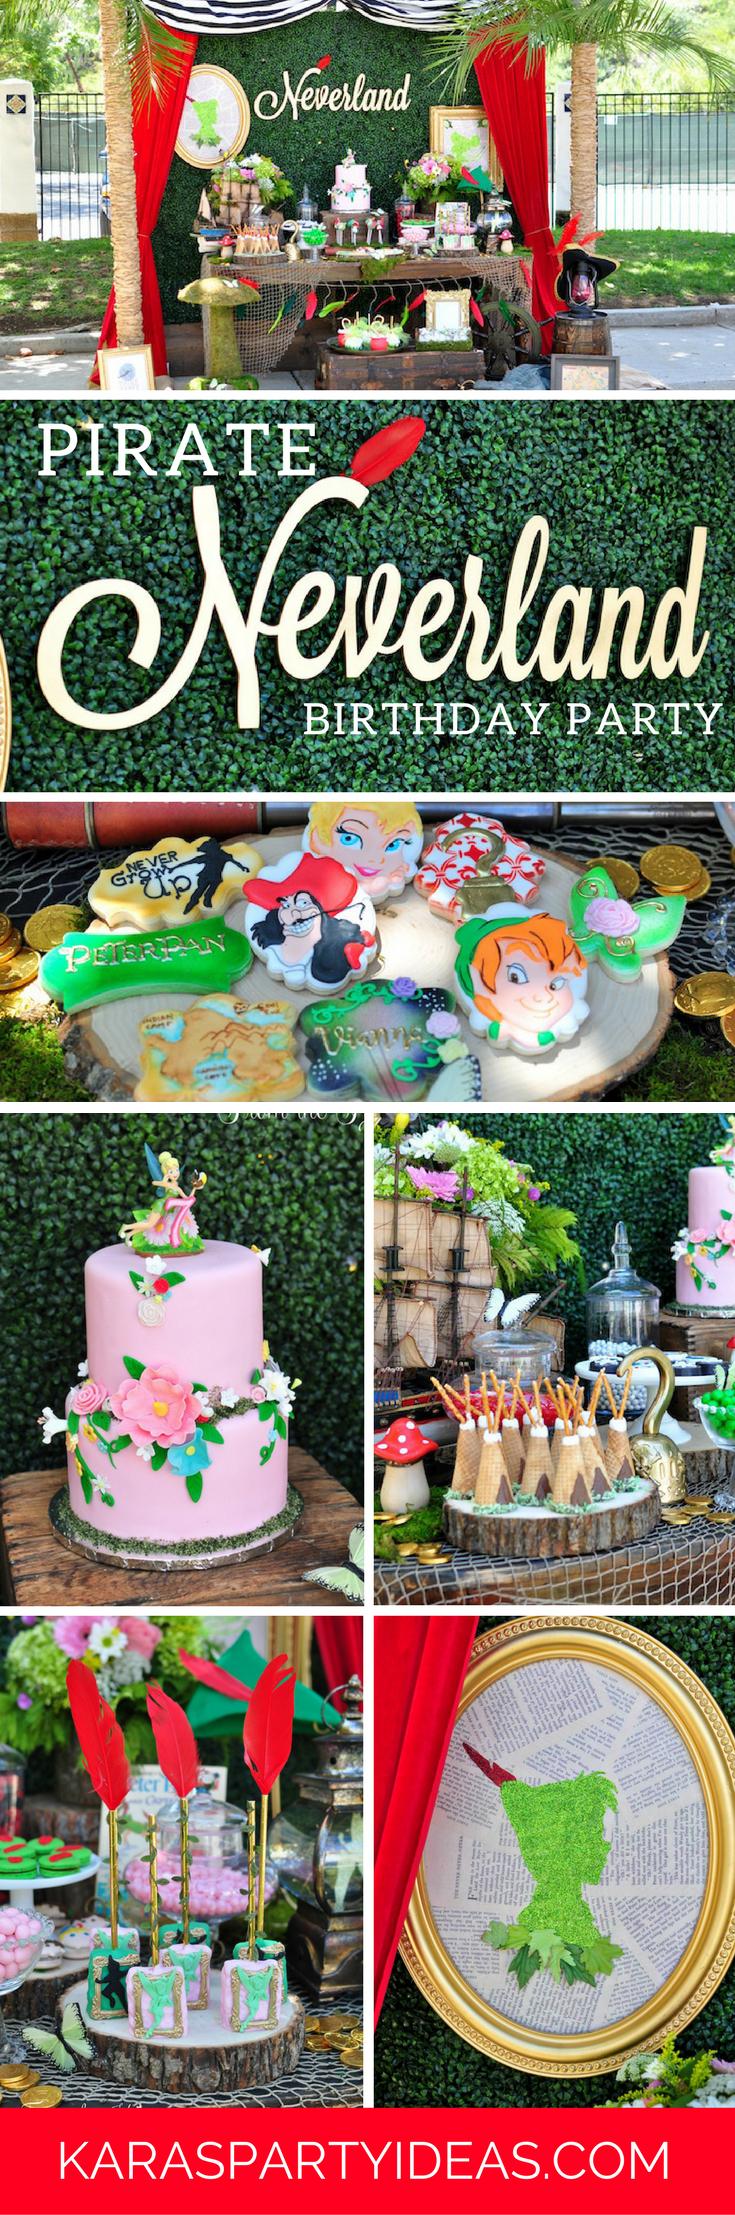 Pirate Neverland Birthday Party via Kara's Party Ideas - KarasPartyIdeas.com